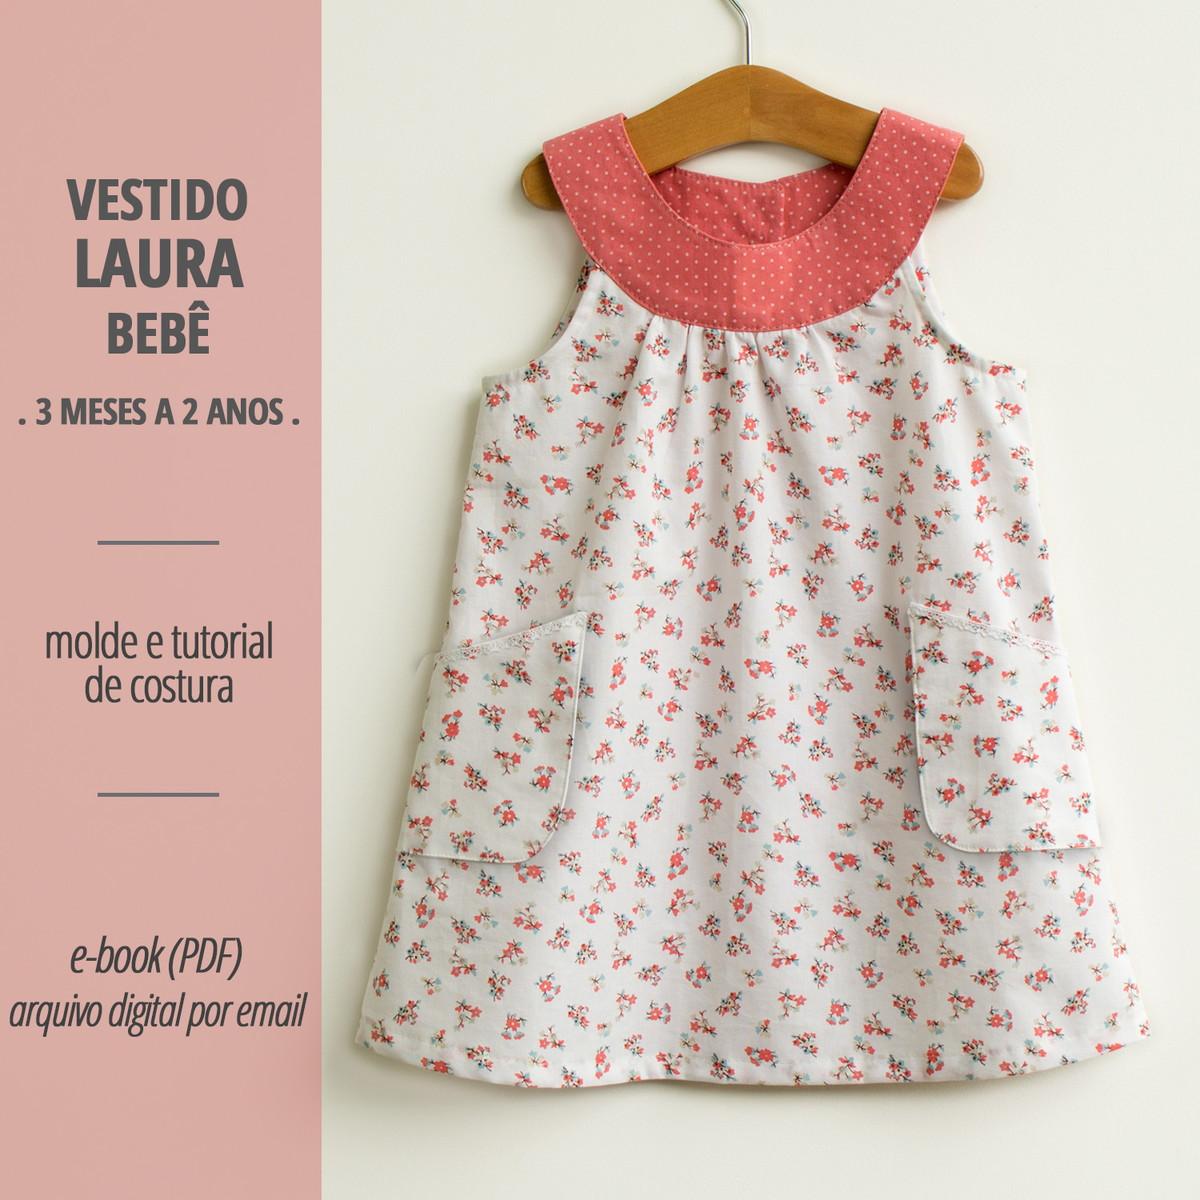 Vestido Laura Bebe